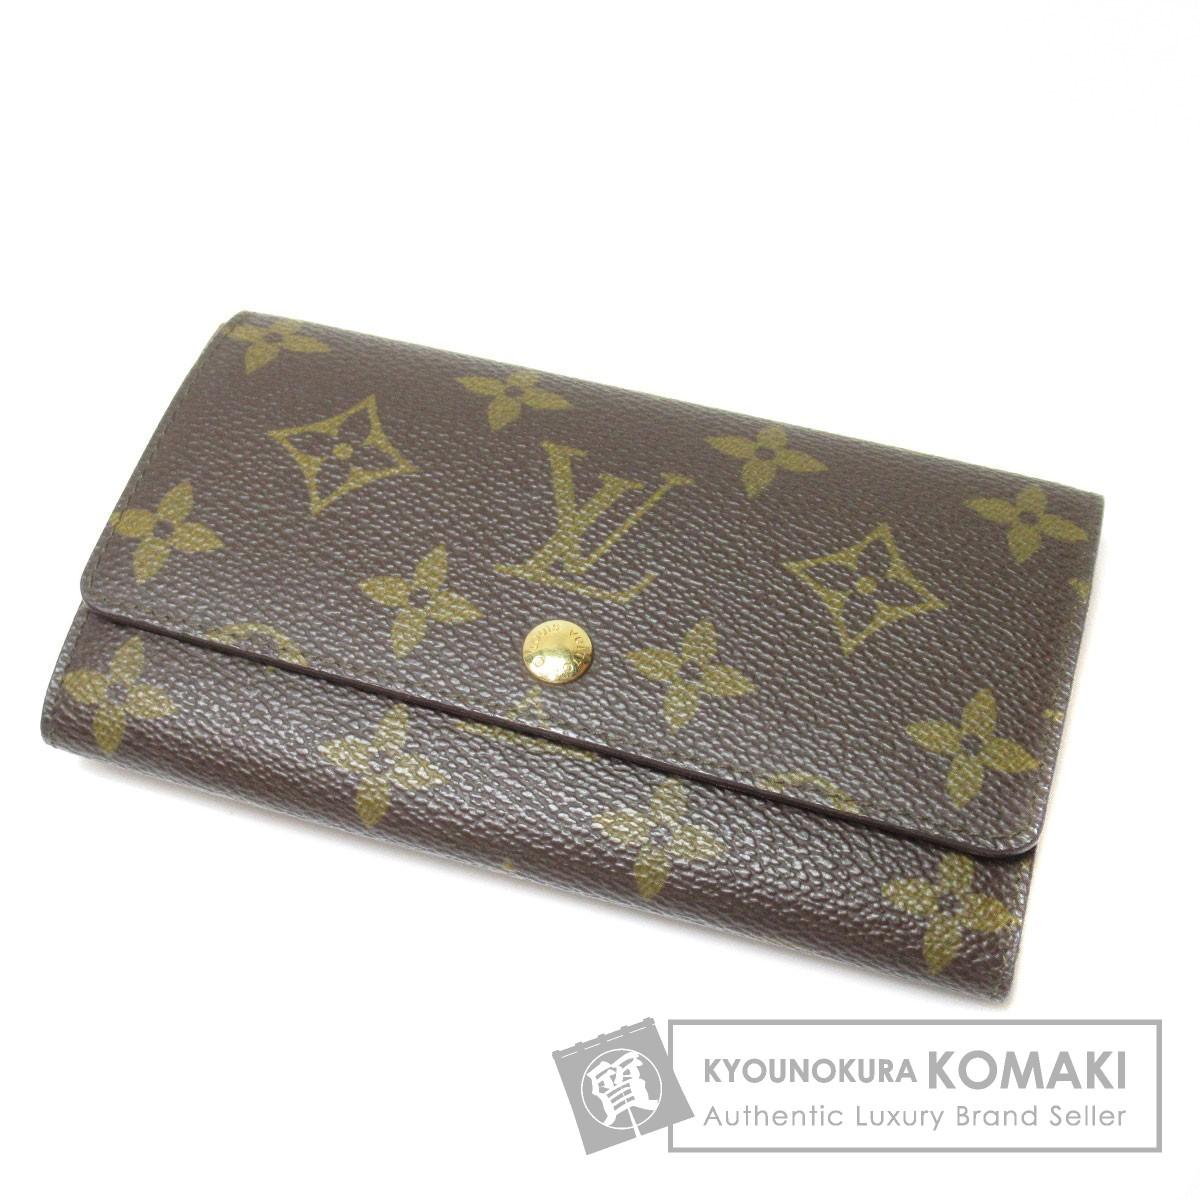 ルイヴィトン M61735 ポルトモネジップ 二つ折り財布(小銭入れあり) モノグラムキャンバス ユニセックス 【中古】 【LOUIS VUITTON】